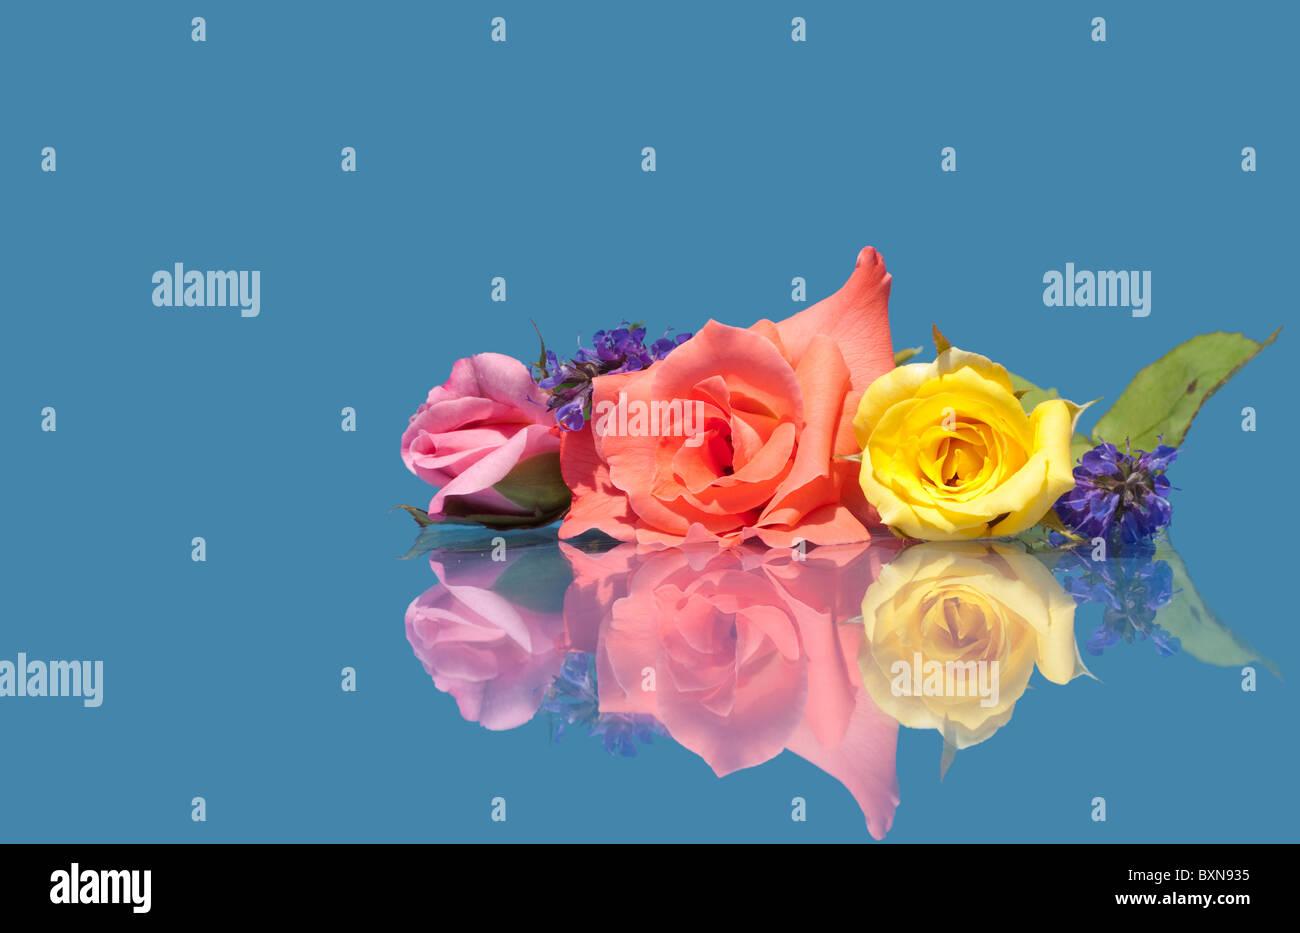 Bellissime Rose Di Diversi Colori Contro Sfondo Blu Con La